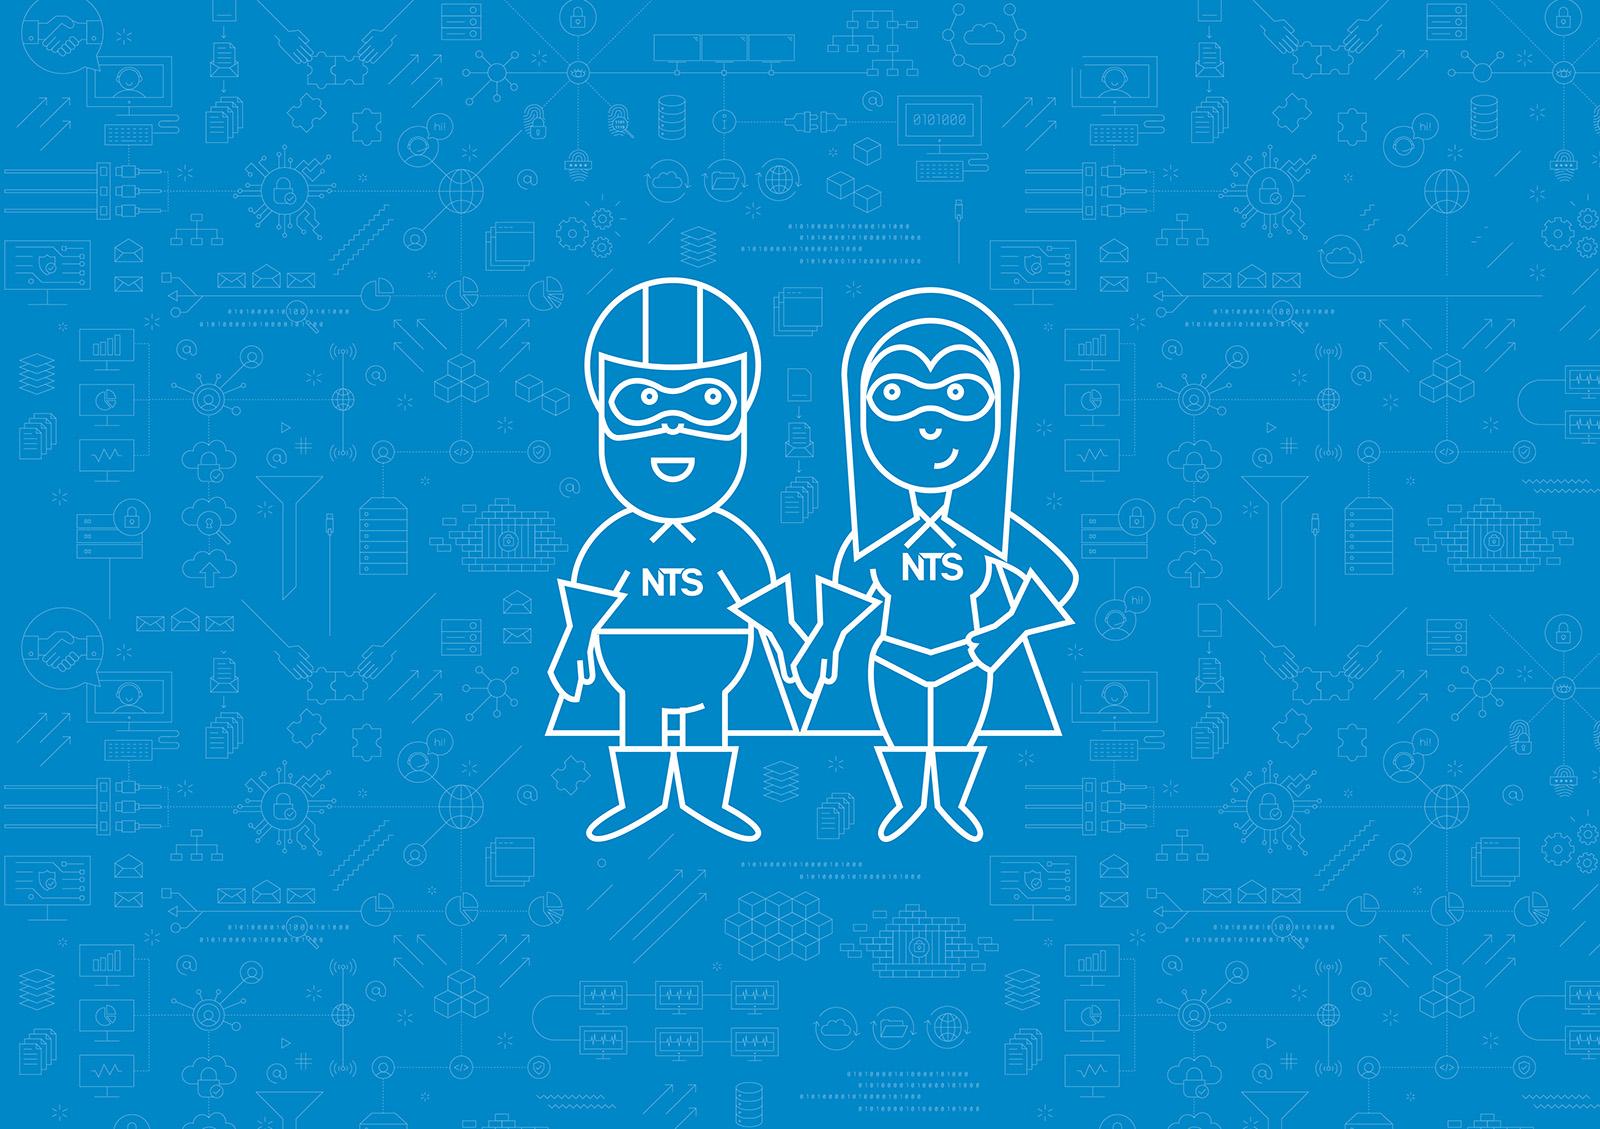 NTS Iconset Hero Mann und Frau in blau und weiß auf Platine